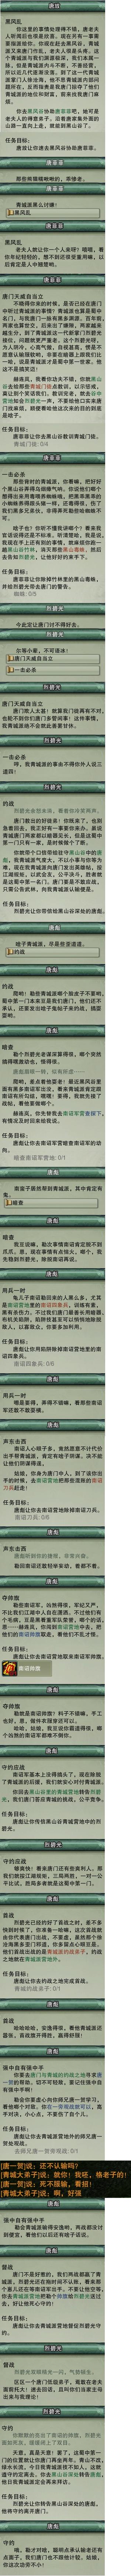 主线任务04 - 黑风谷青城派.jpg